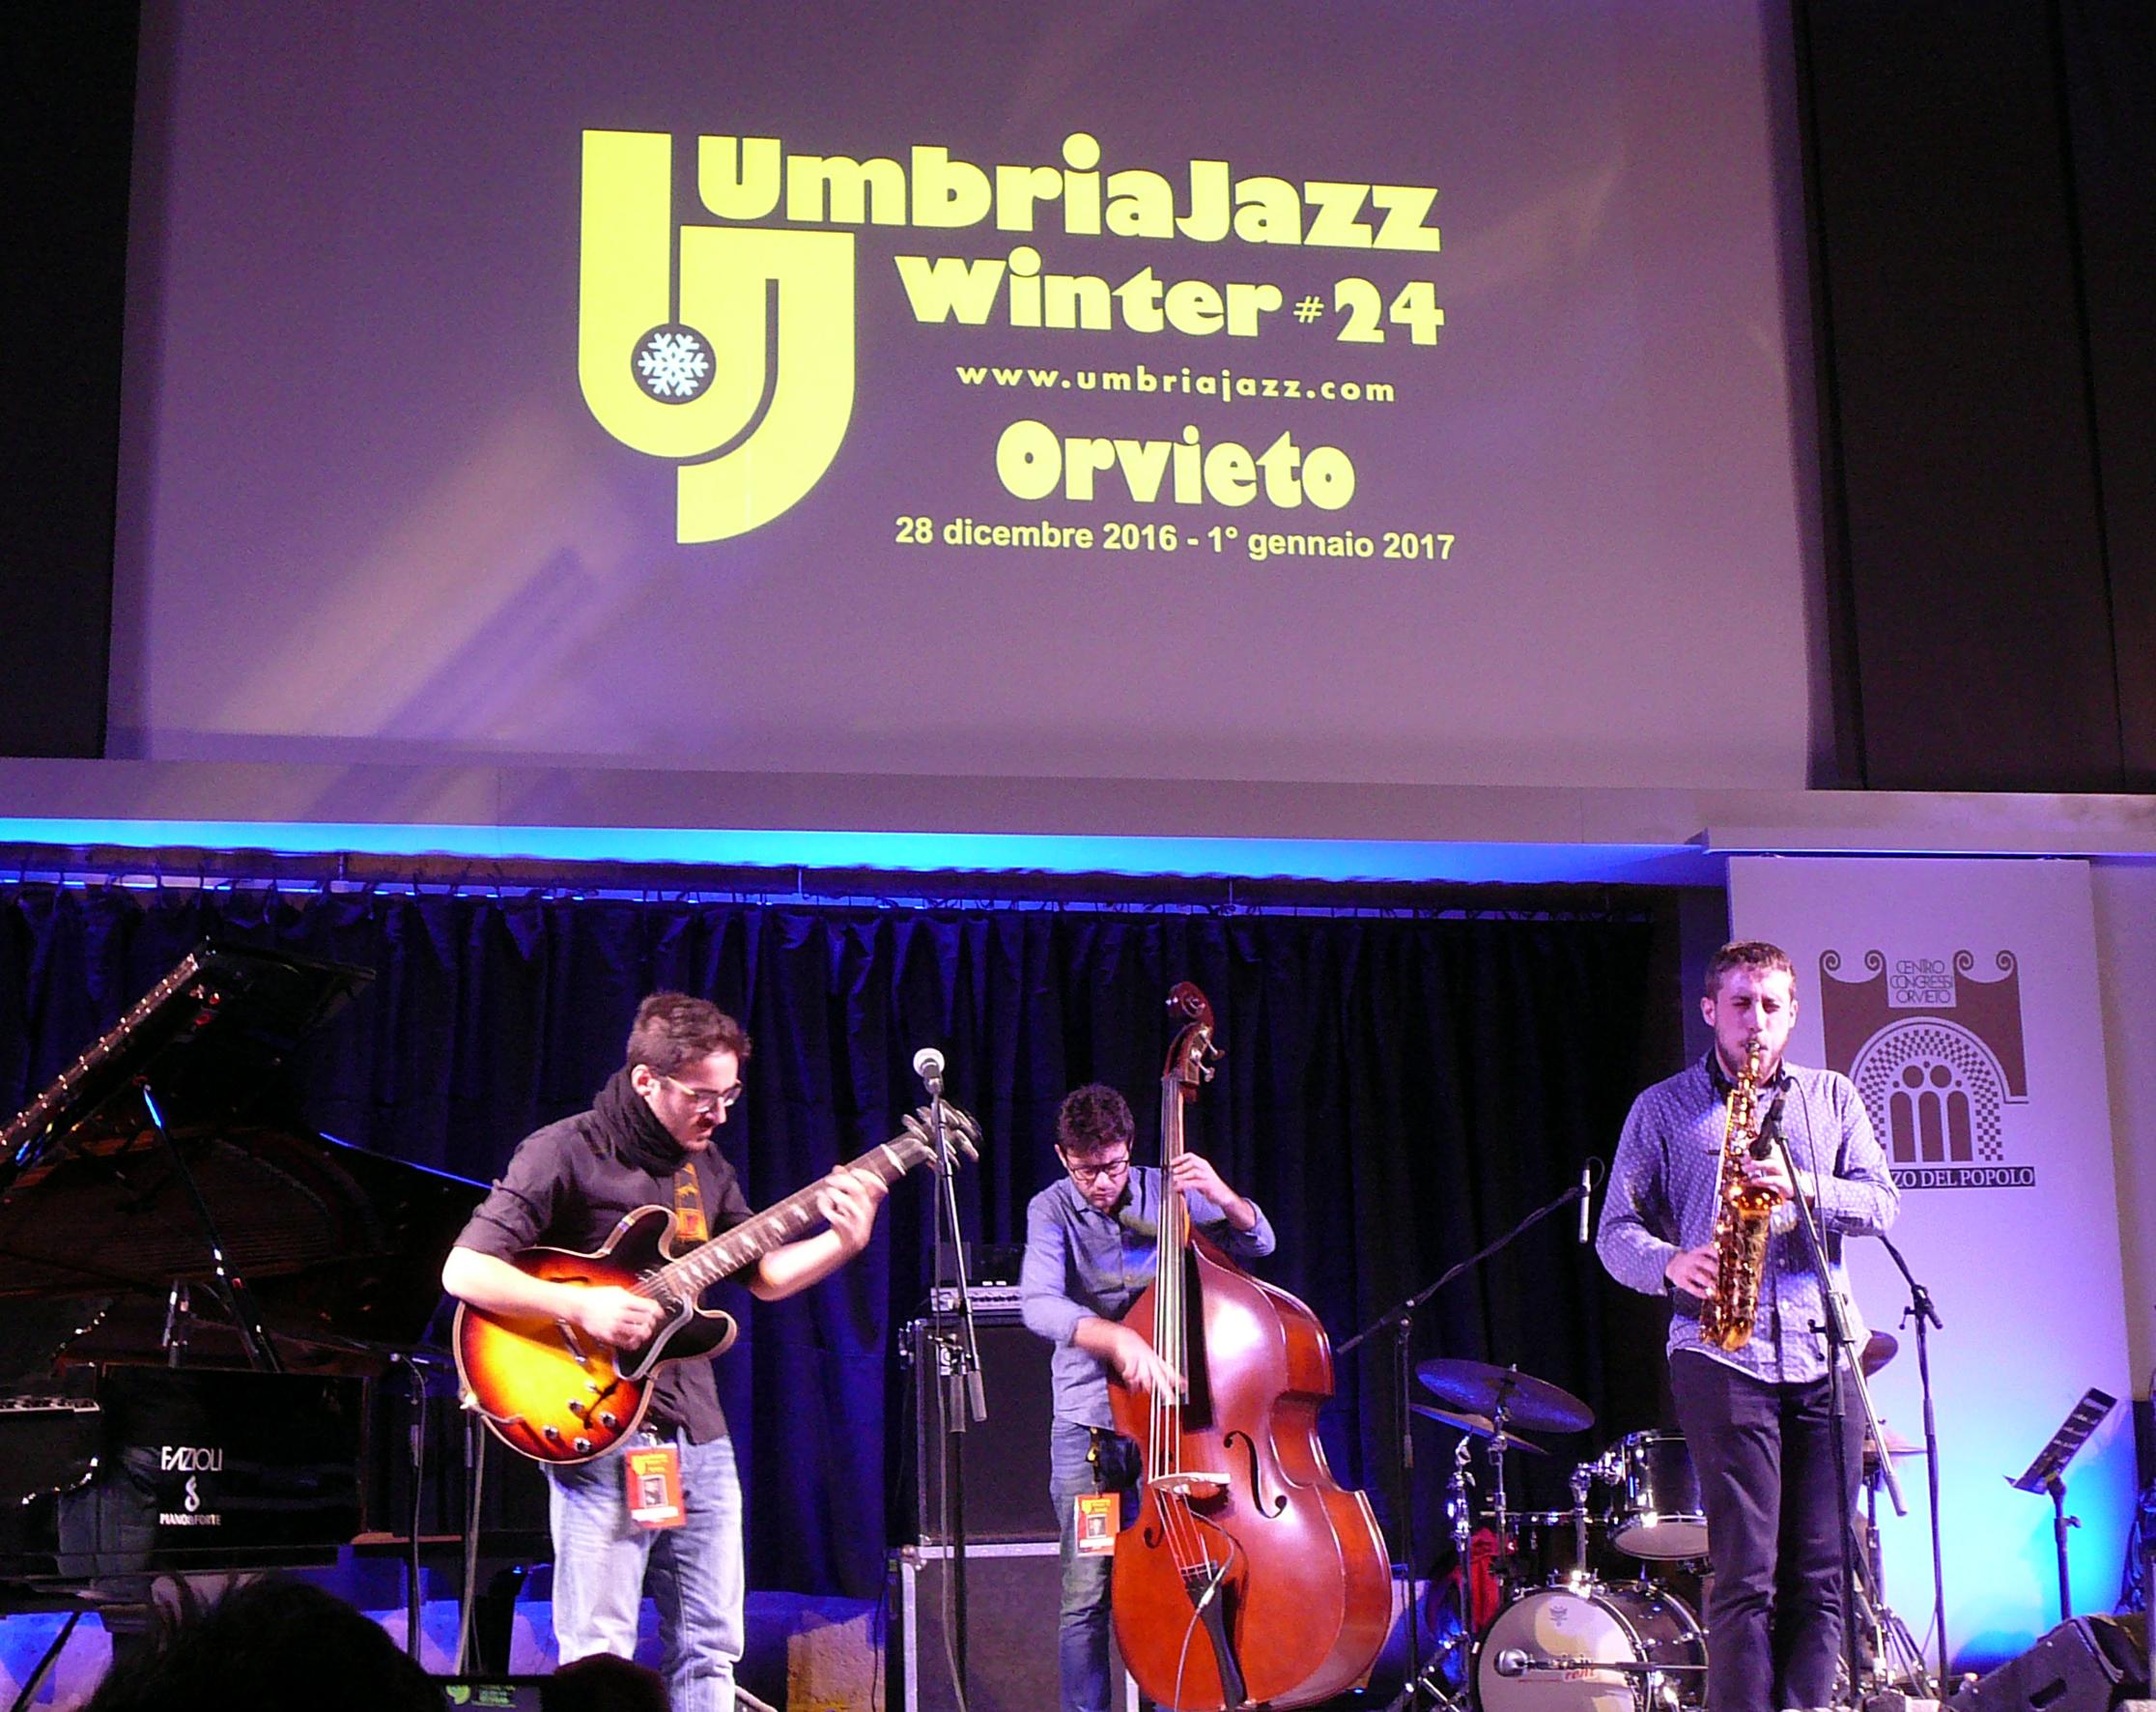 E' partita la XXIV edizione di Umbria Jazz Winter!